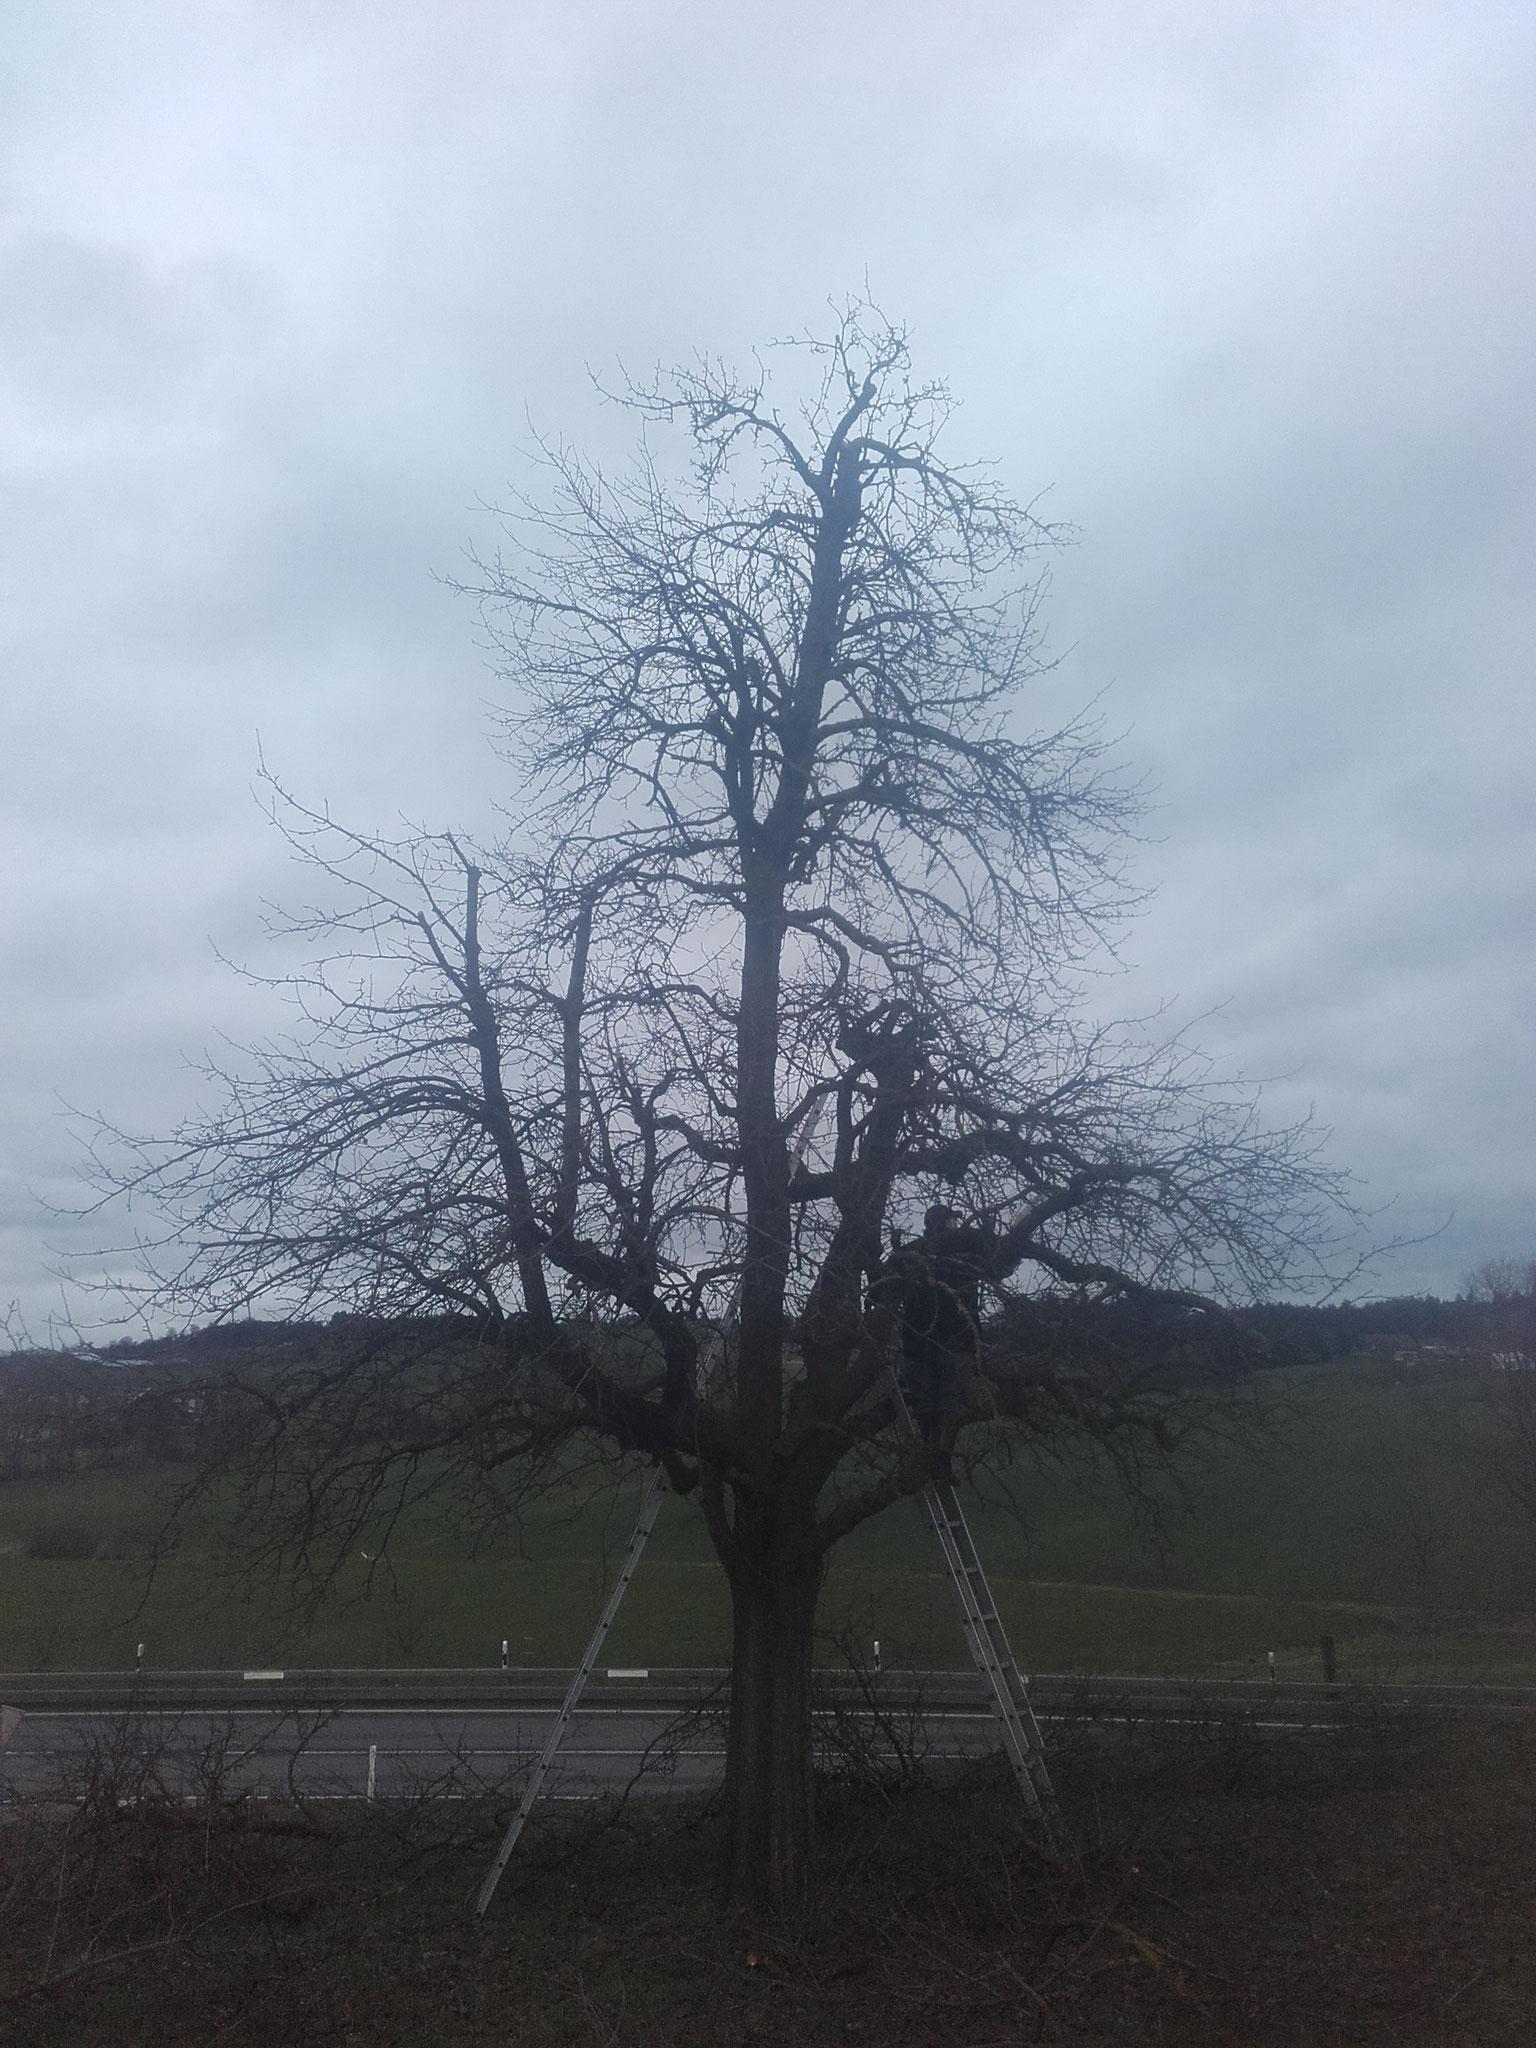 Bäume pflanzen, schneiden...